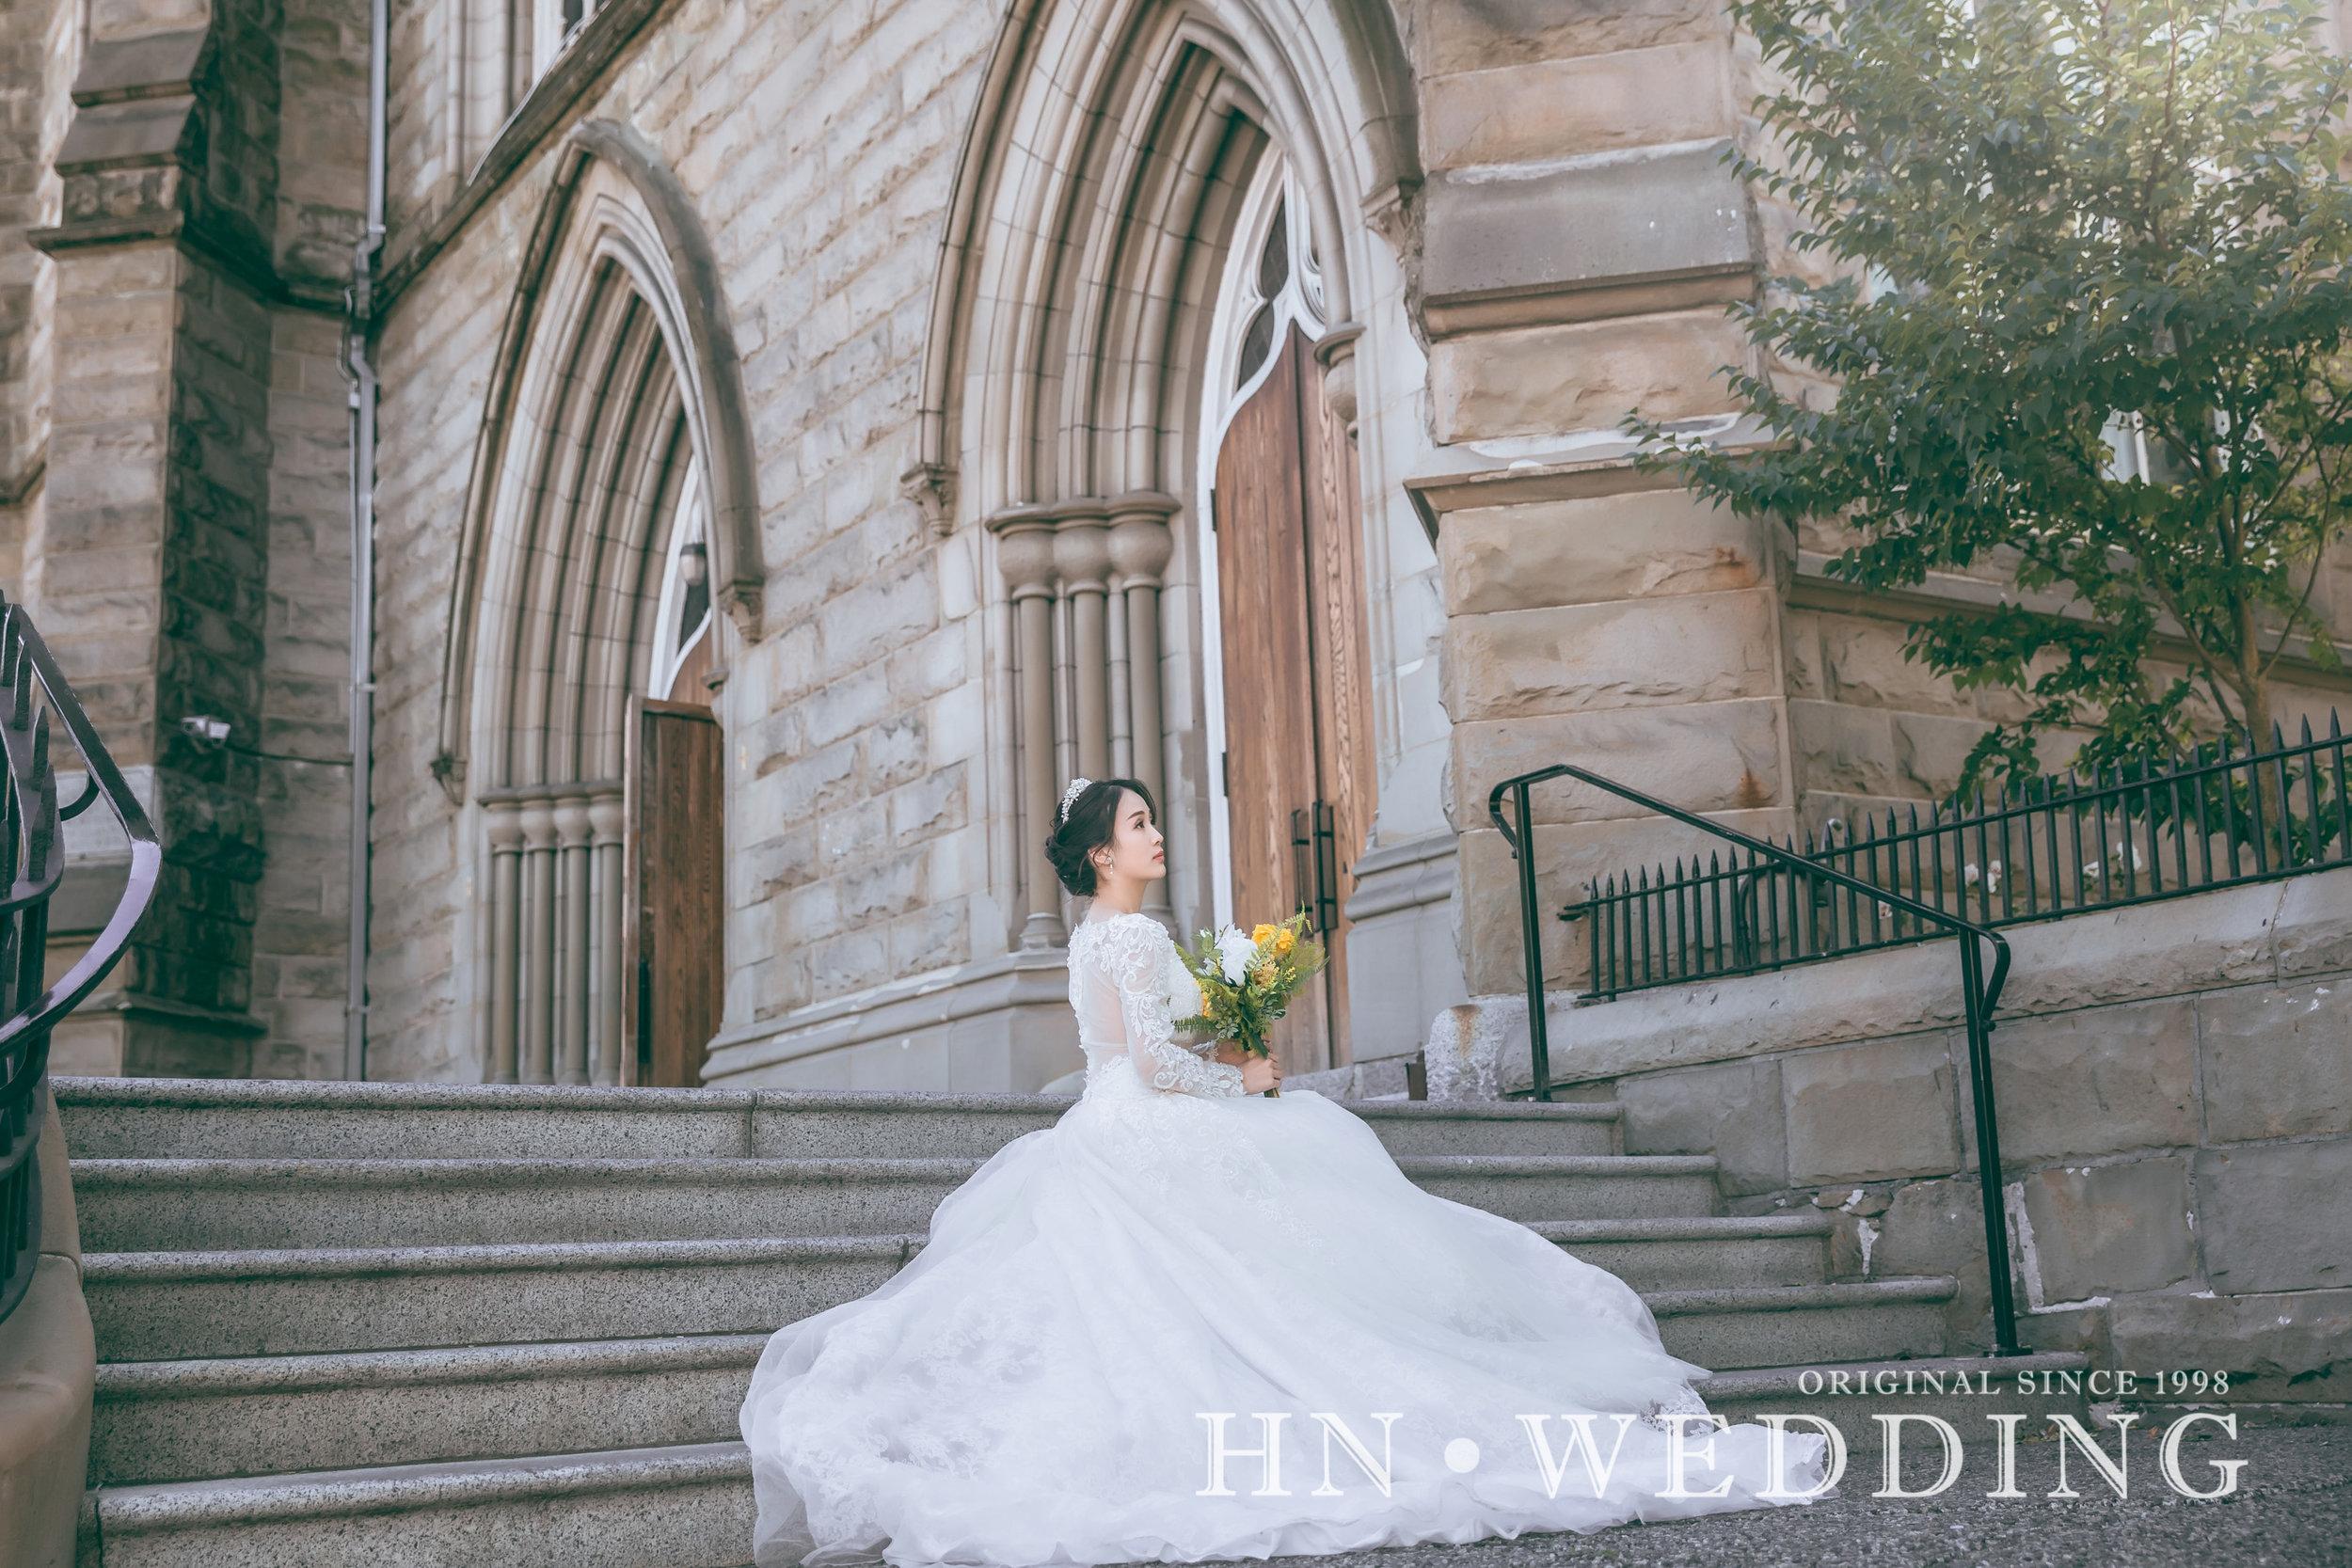 hnweddingprewedding0905--5.jpg